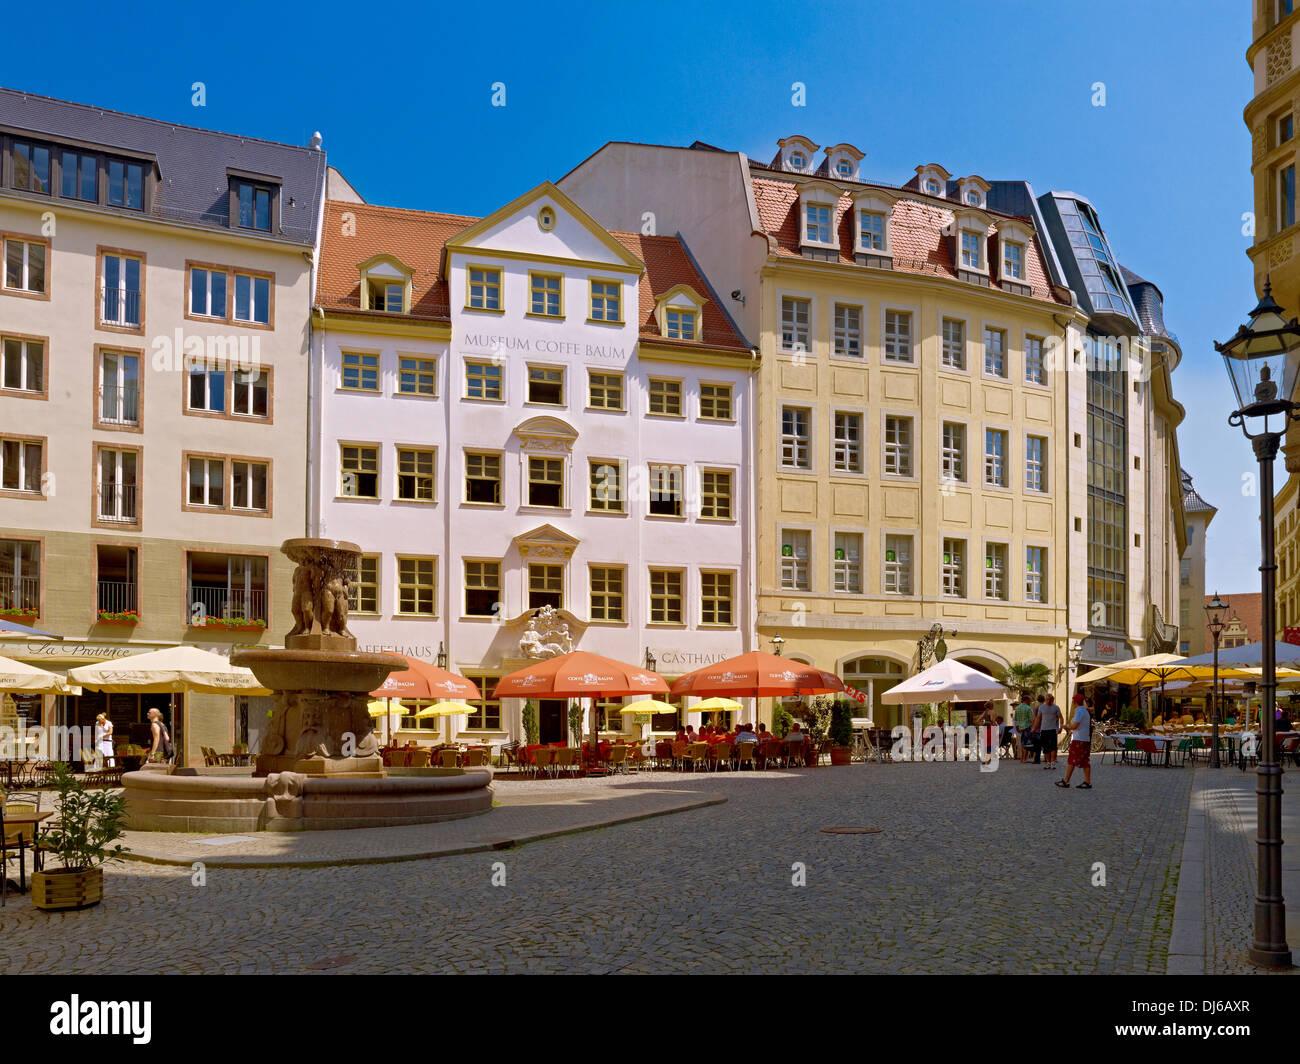 Kleine Fleischergasse Straße, historischer Ort, Haus Zum Arabischen Coffe Baum in Leipzig, Sachsen, Deutschland Stockbild